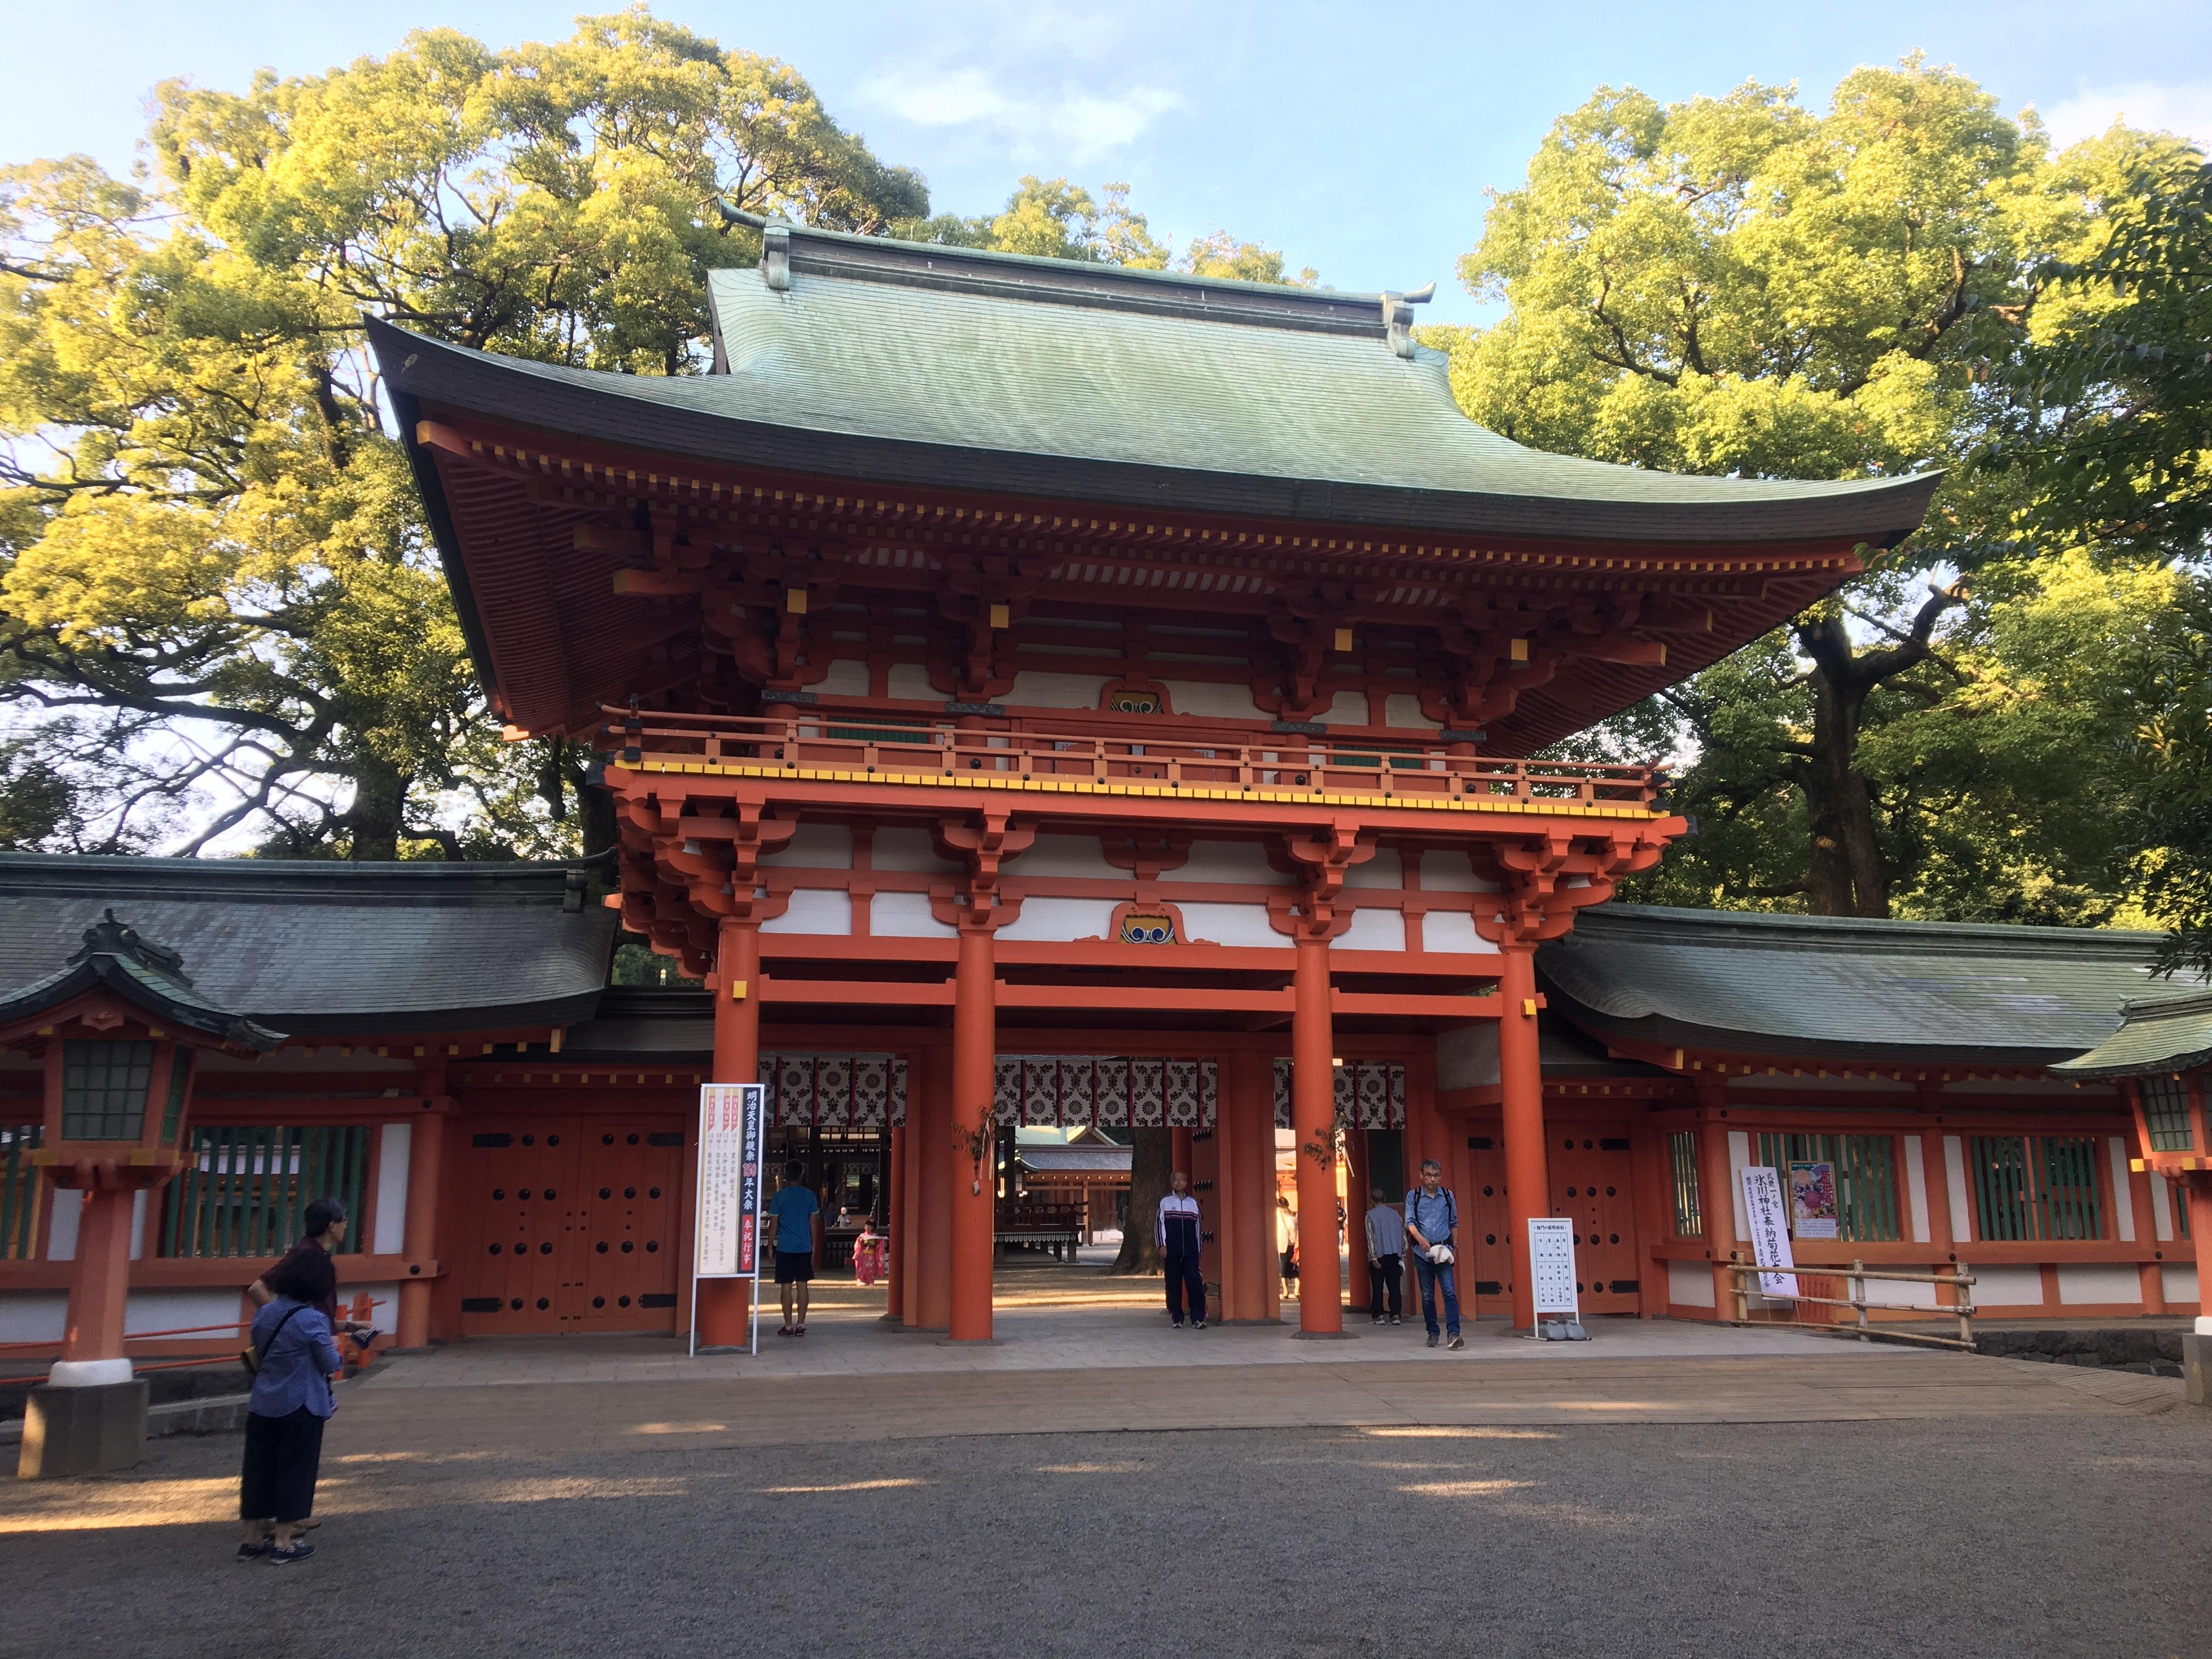 明治天皇行幸150周年 大宮・氷川神社について簡単にまとめてみた